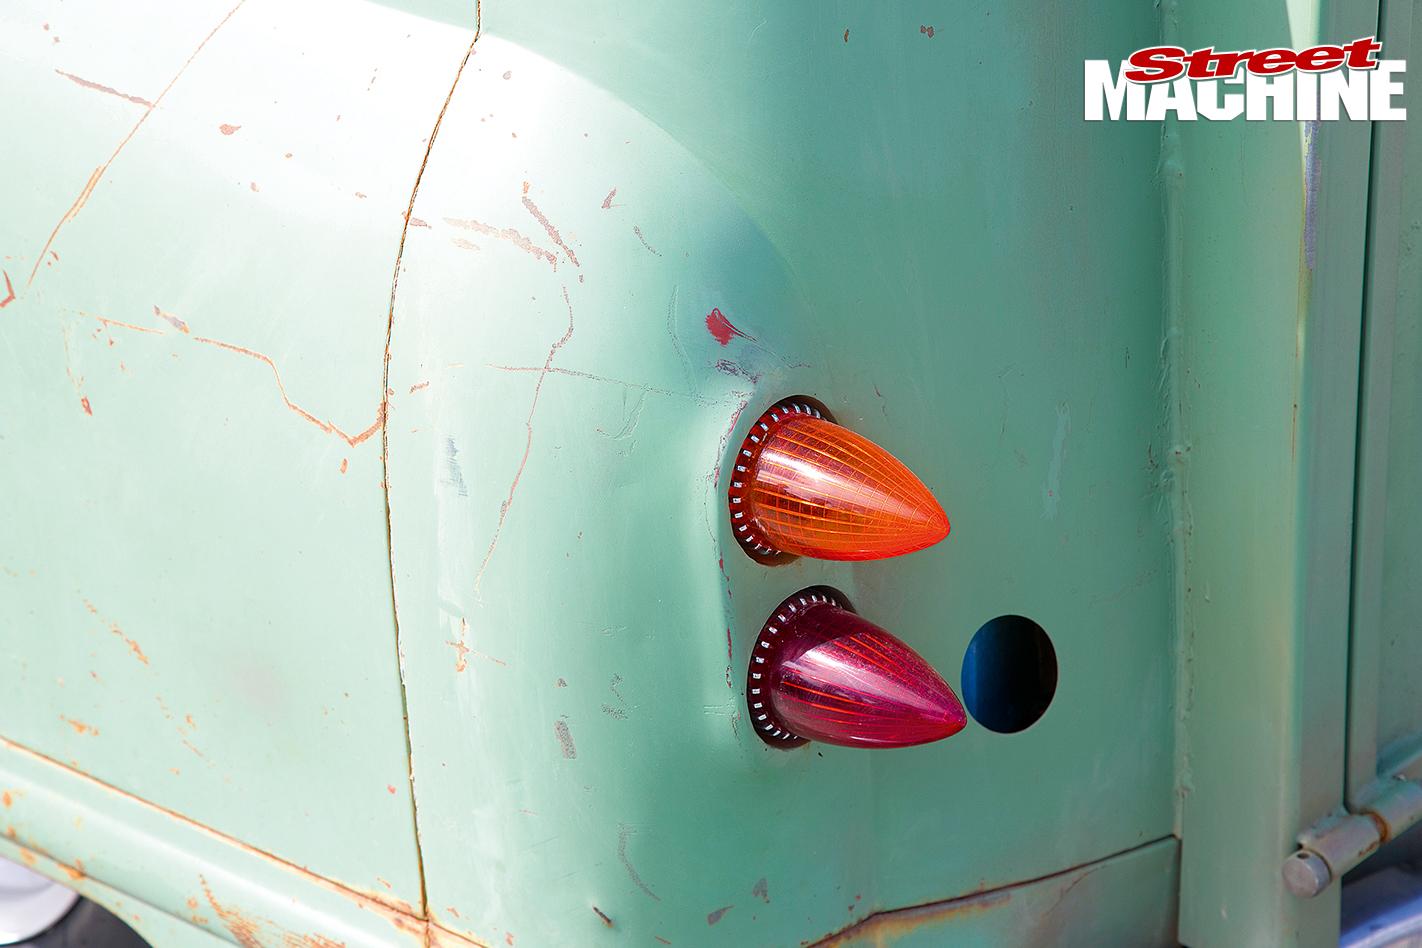 Slug -taillights